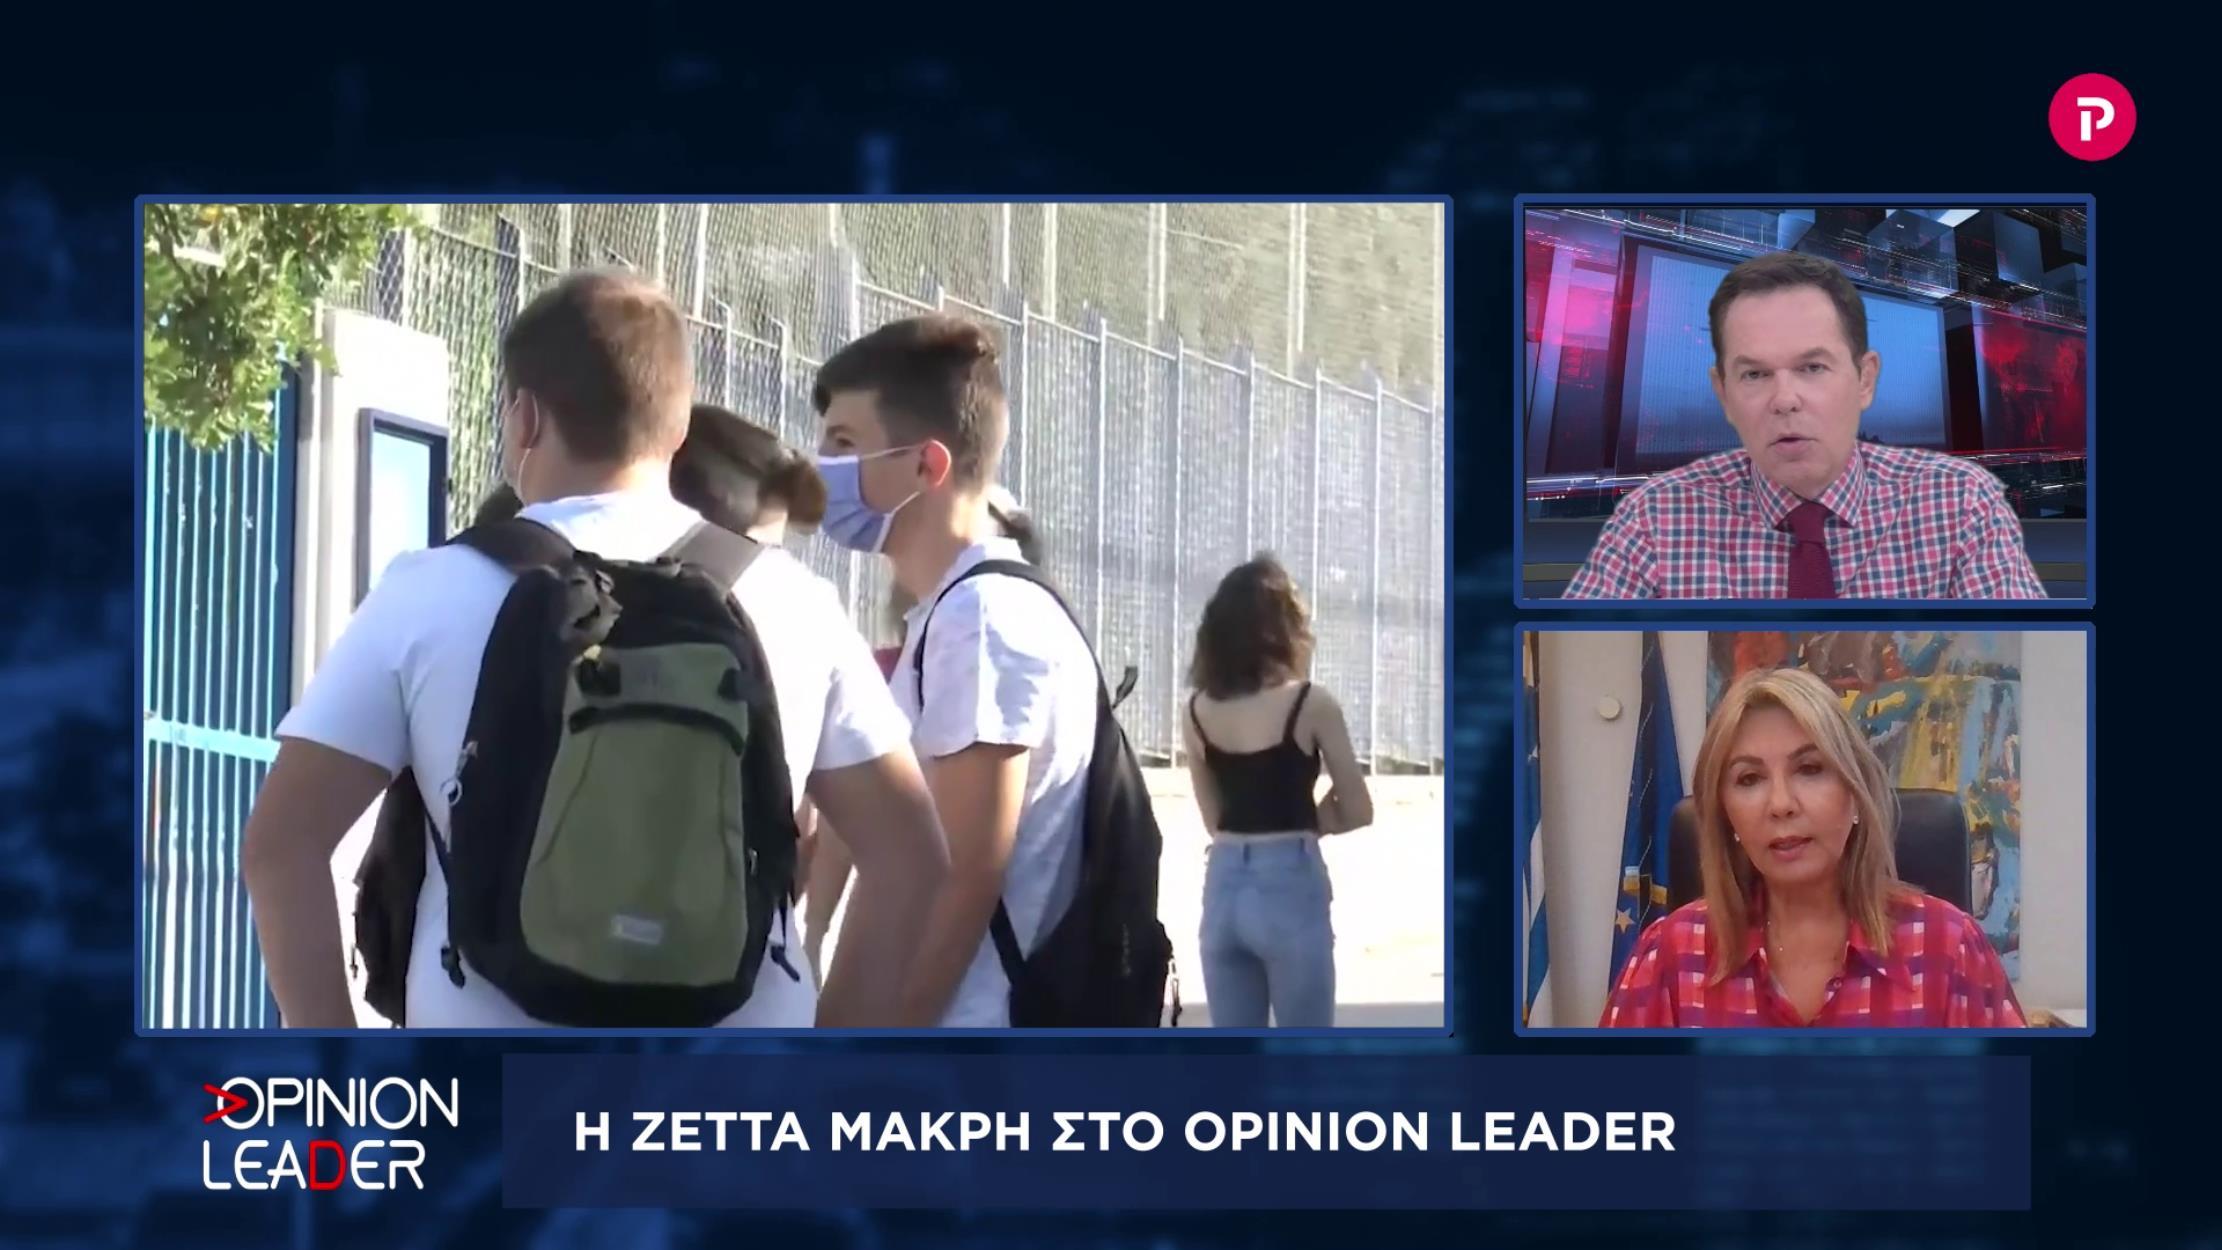 Ζέττα Μακρή στο pagenews.gr